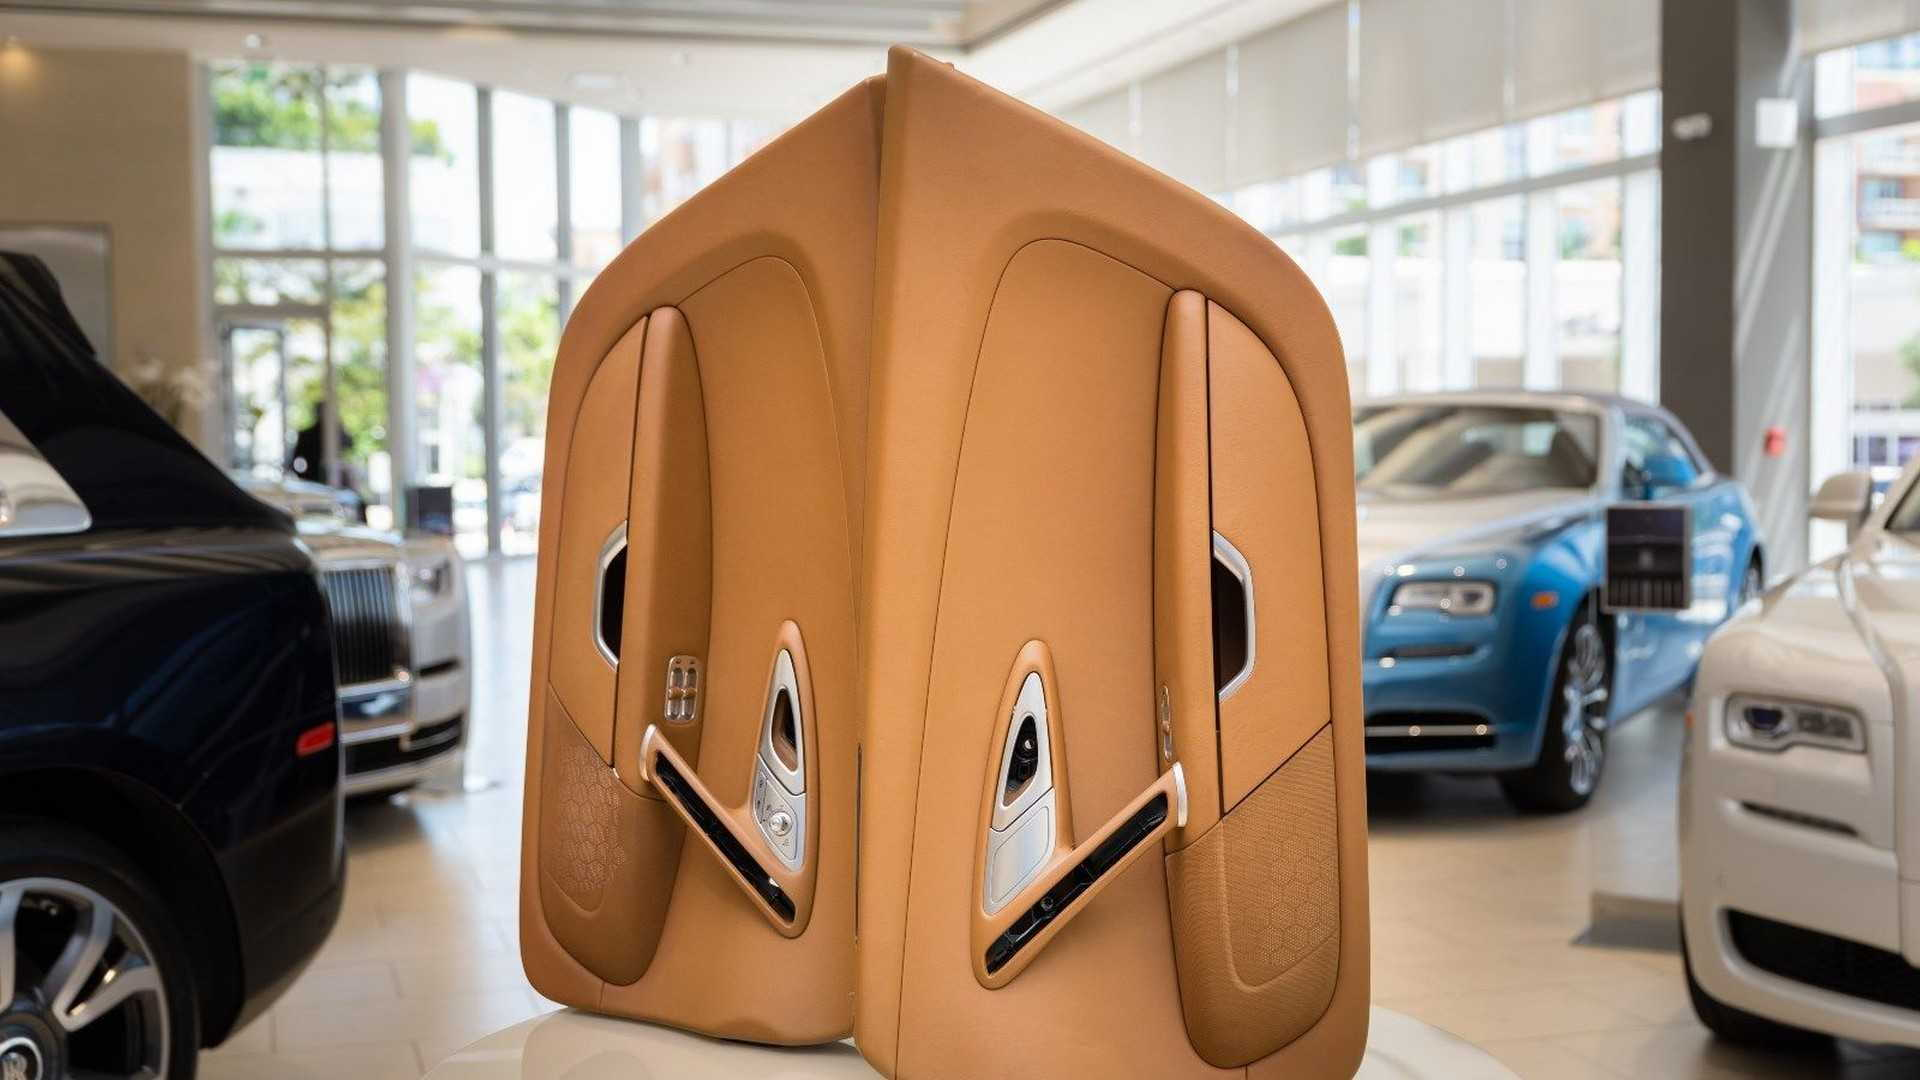 2008 Bugatti Veyron interior for sale